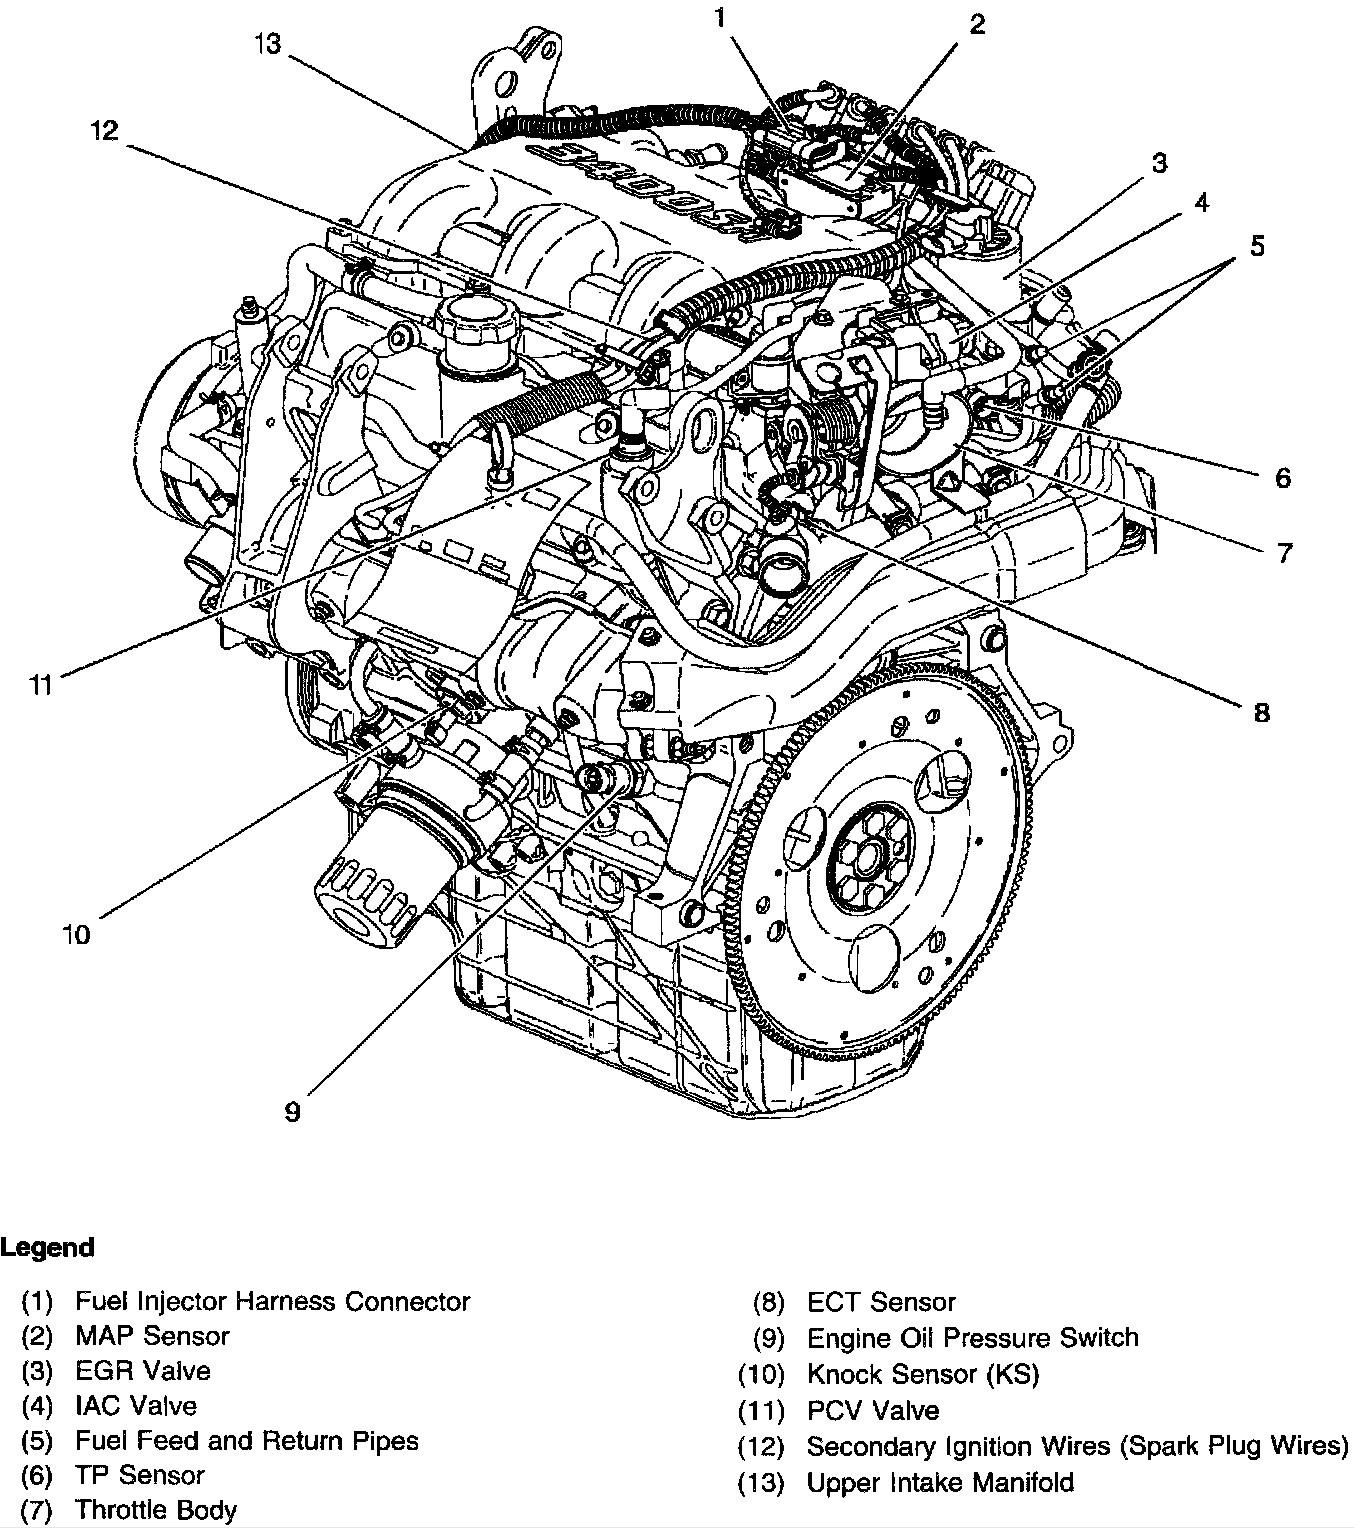 kf dohc v6 engine diagram 3 14 artatec automobile de \u2022gm 3 4l engine diagram blog wiring diagram rh 2 16 8 german military photos de ford 4 2 v6 ford duratec engine